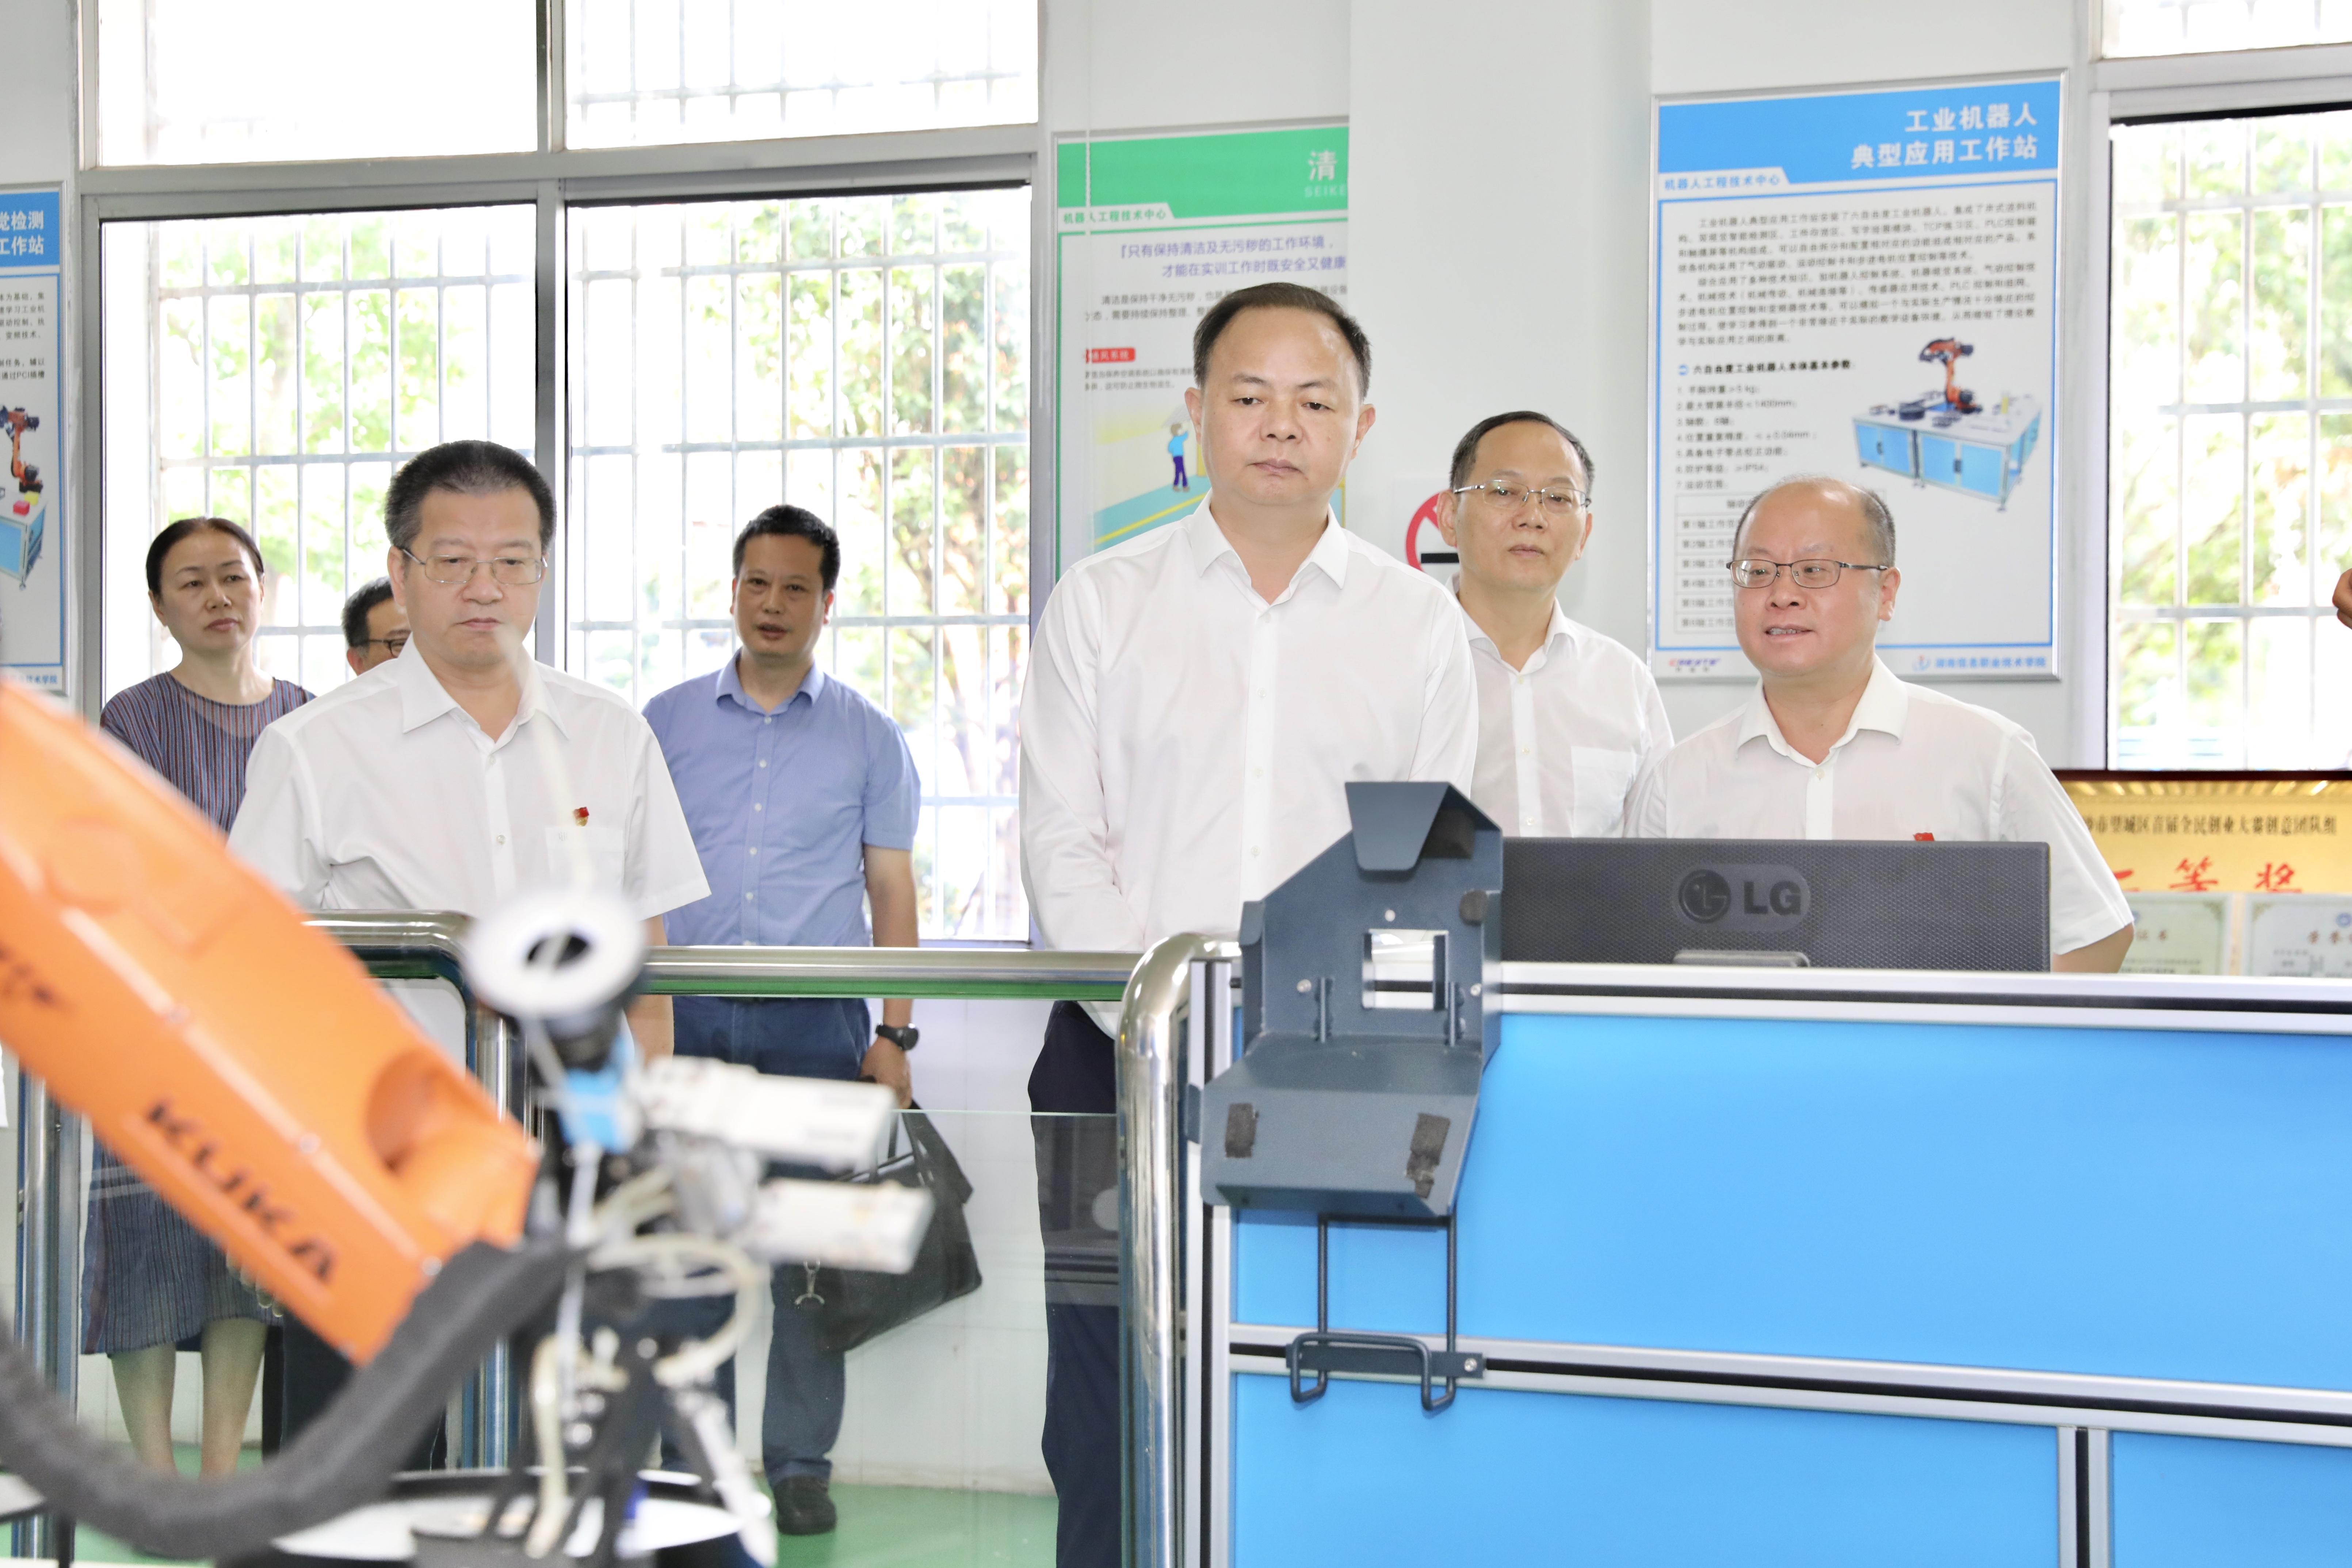 郑建新在湖南信息职院调研。  刘书勤 摄